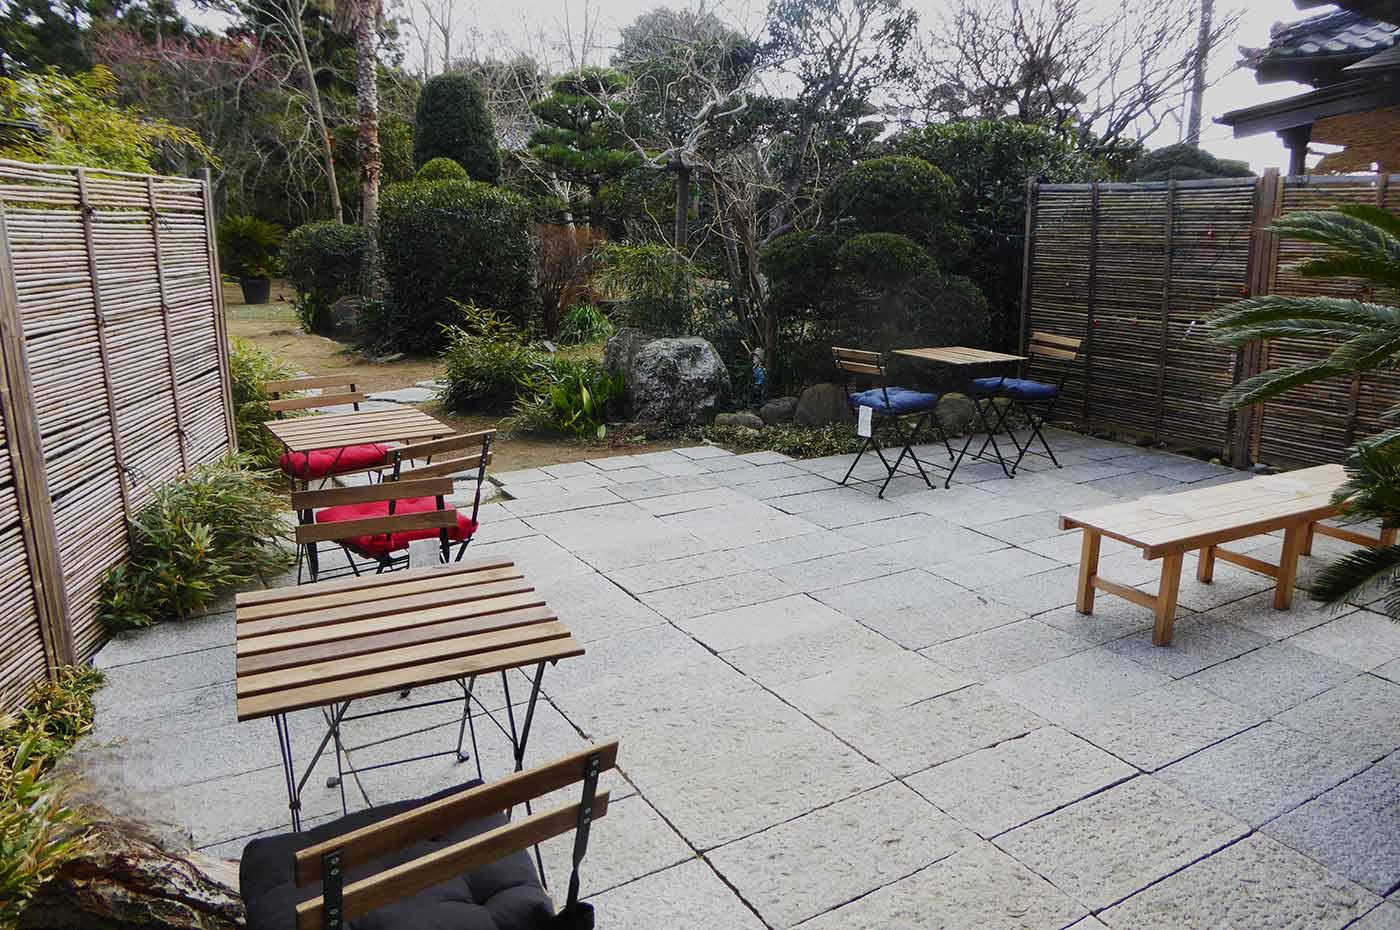 一二三養蜂園 オープンカフェの画像